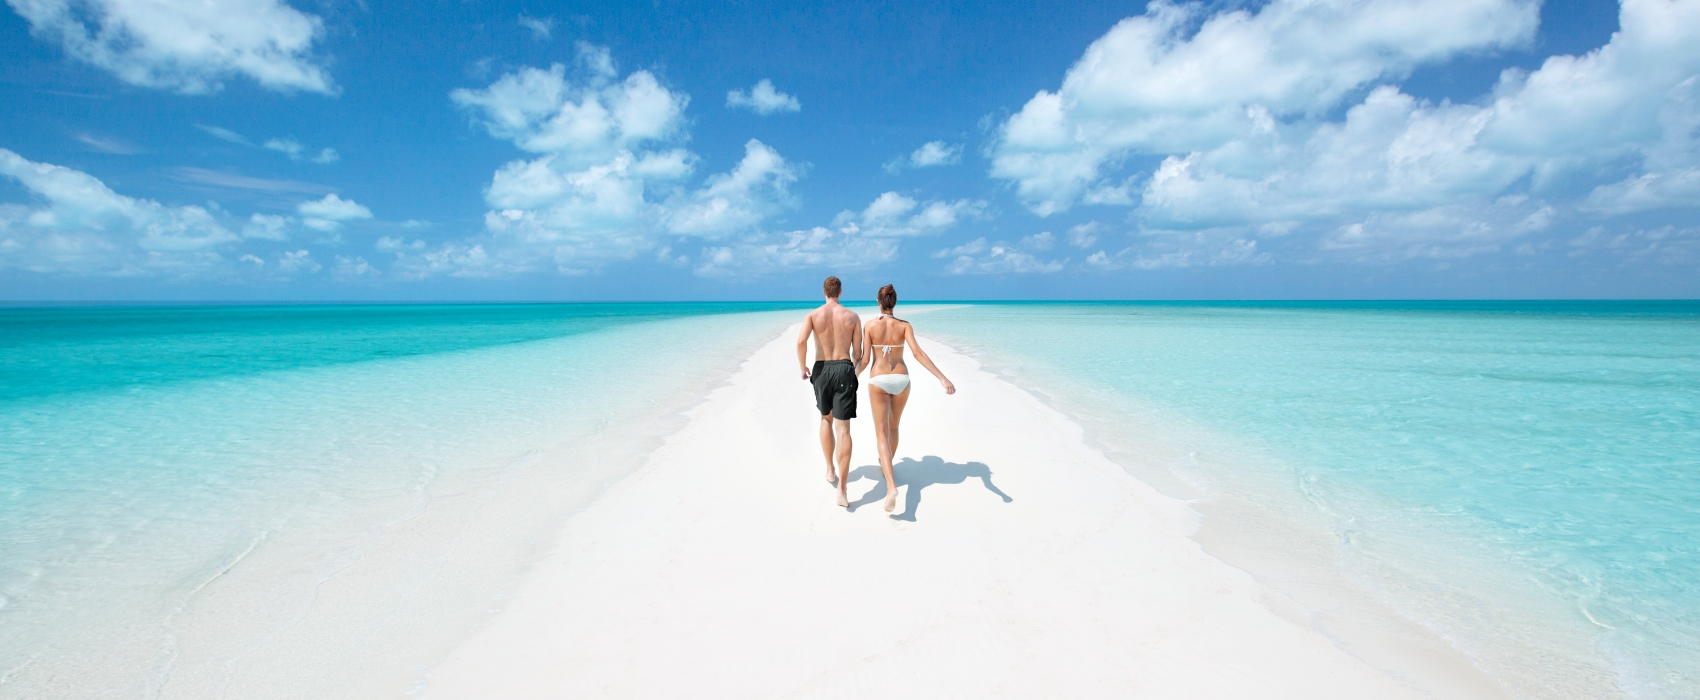 Plage de sable blanc aux Bahamas